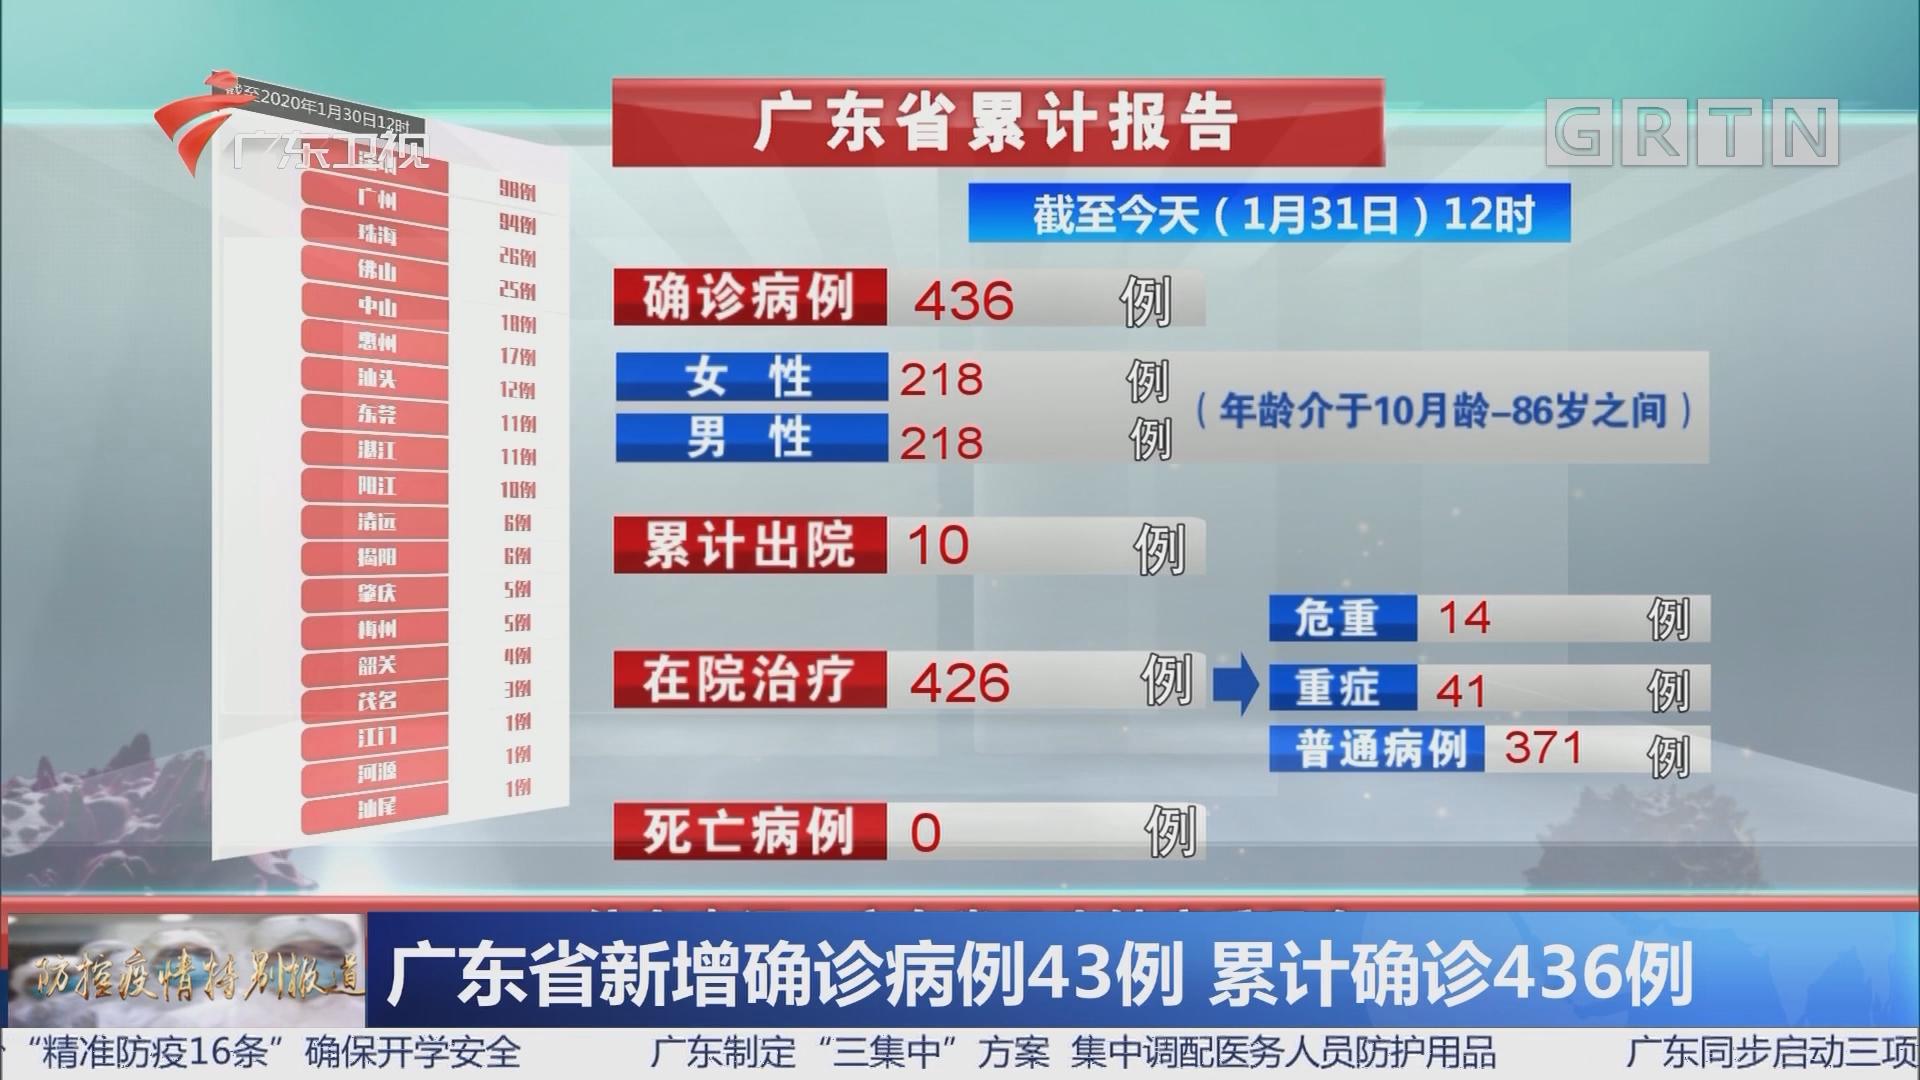 广东省新增确诊病例43例 累计确诊436例